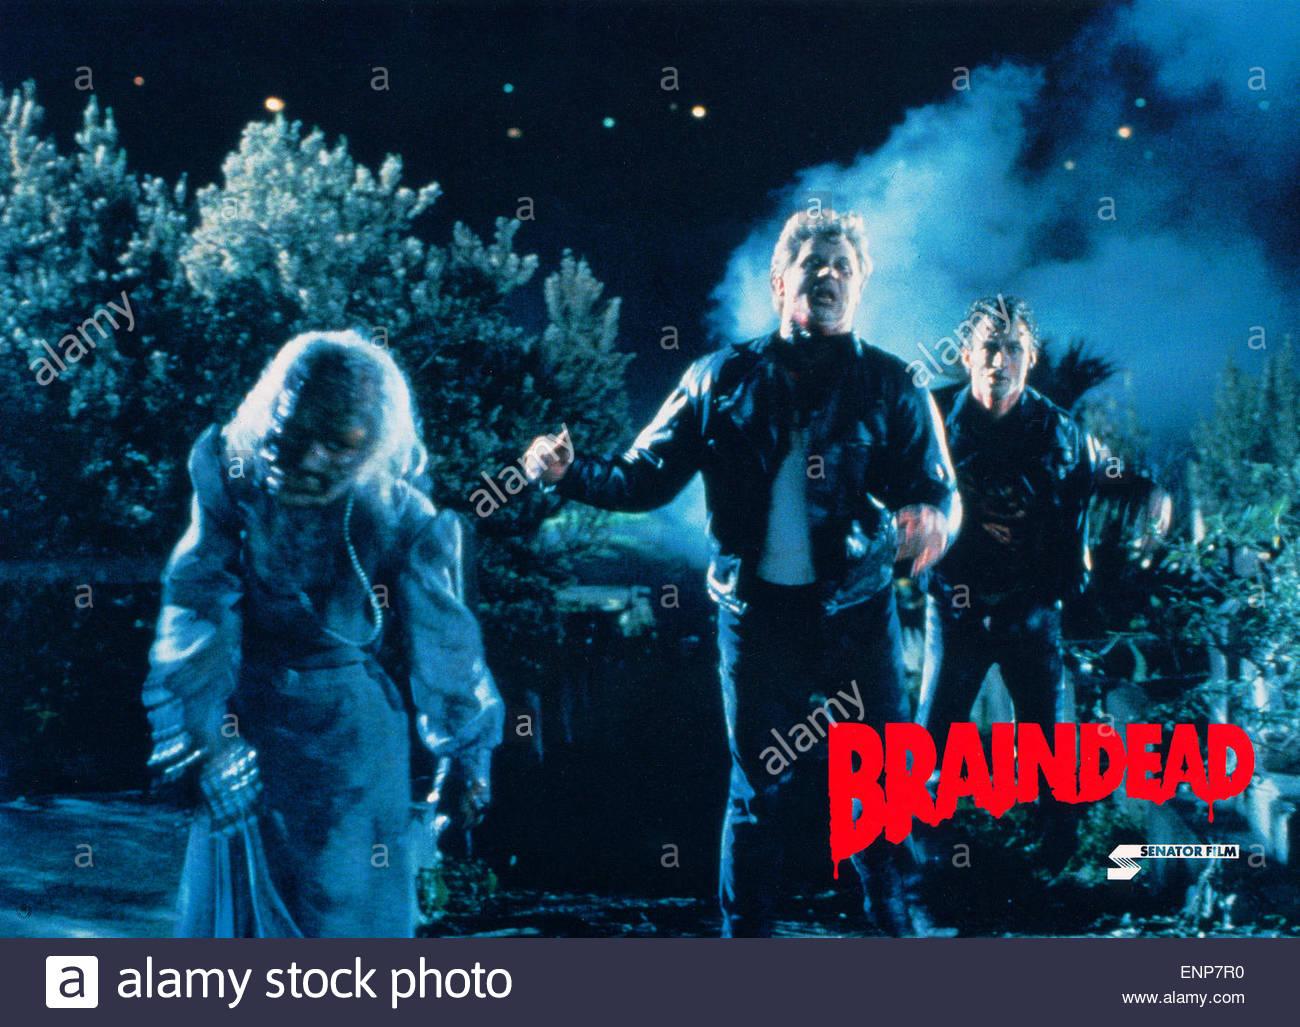 Zombies (Braindead)